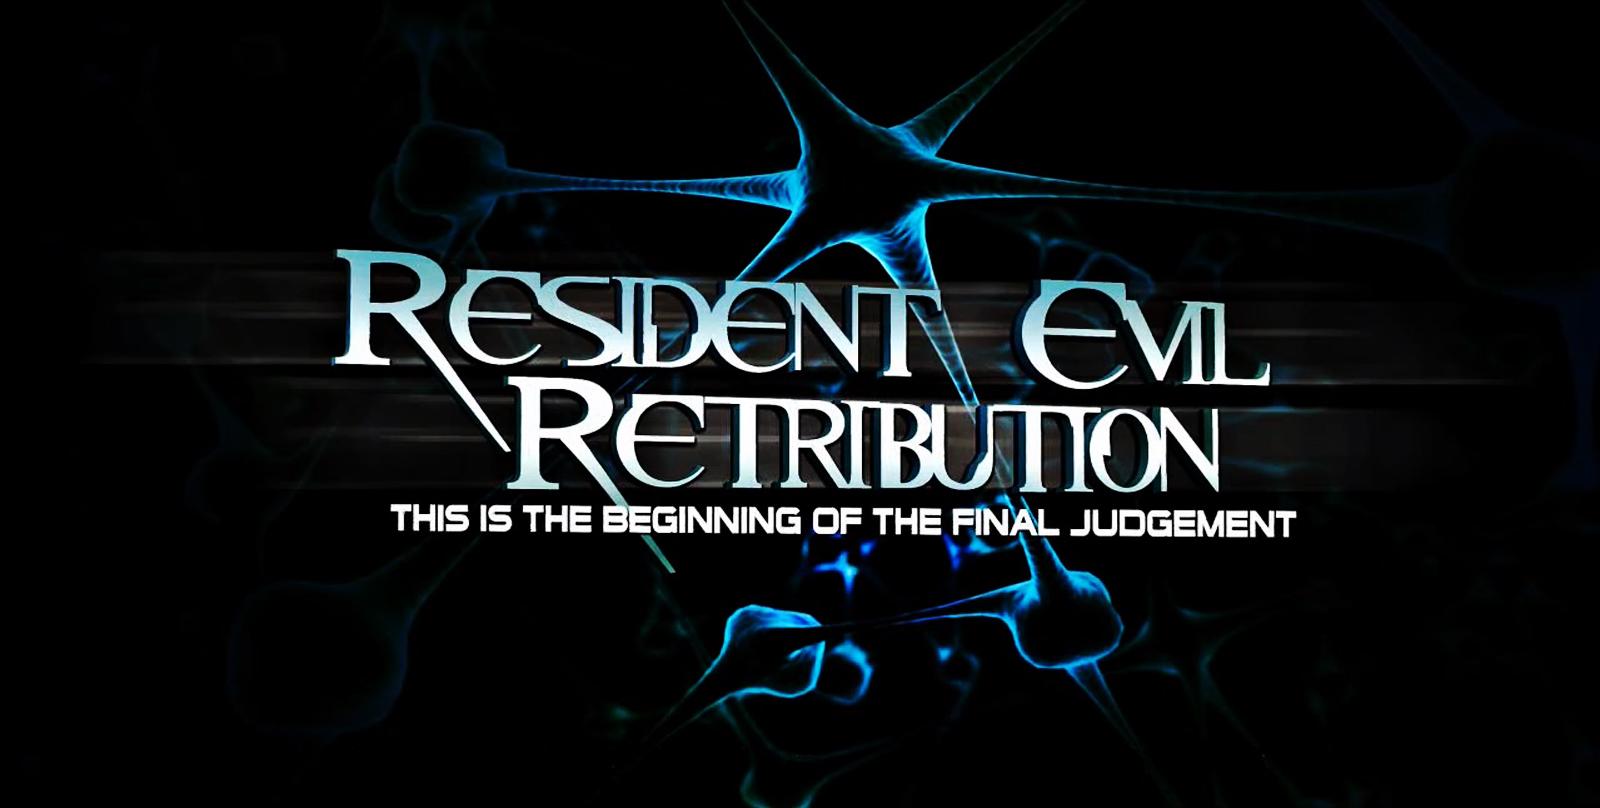 http://4.bp.blogspot.com/-bwb3S6xsHD8/T1odE09RtxI/AAAAAAAAA3A/SJKeLijqzm4/s1600/Resident_Evil_Retribution_3D_Title_HD_Wallpaper-Vvallpaper.Net.jpg